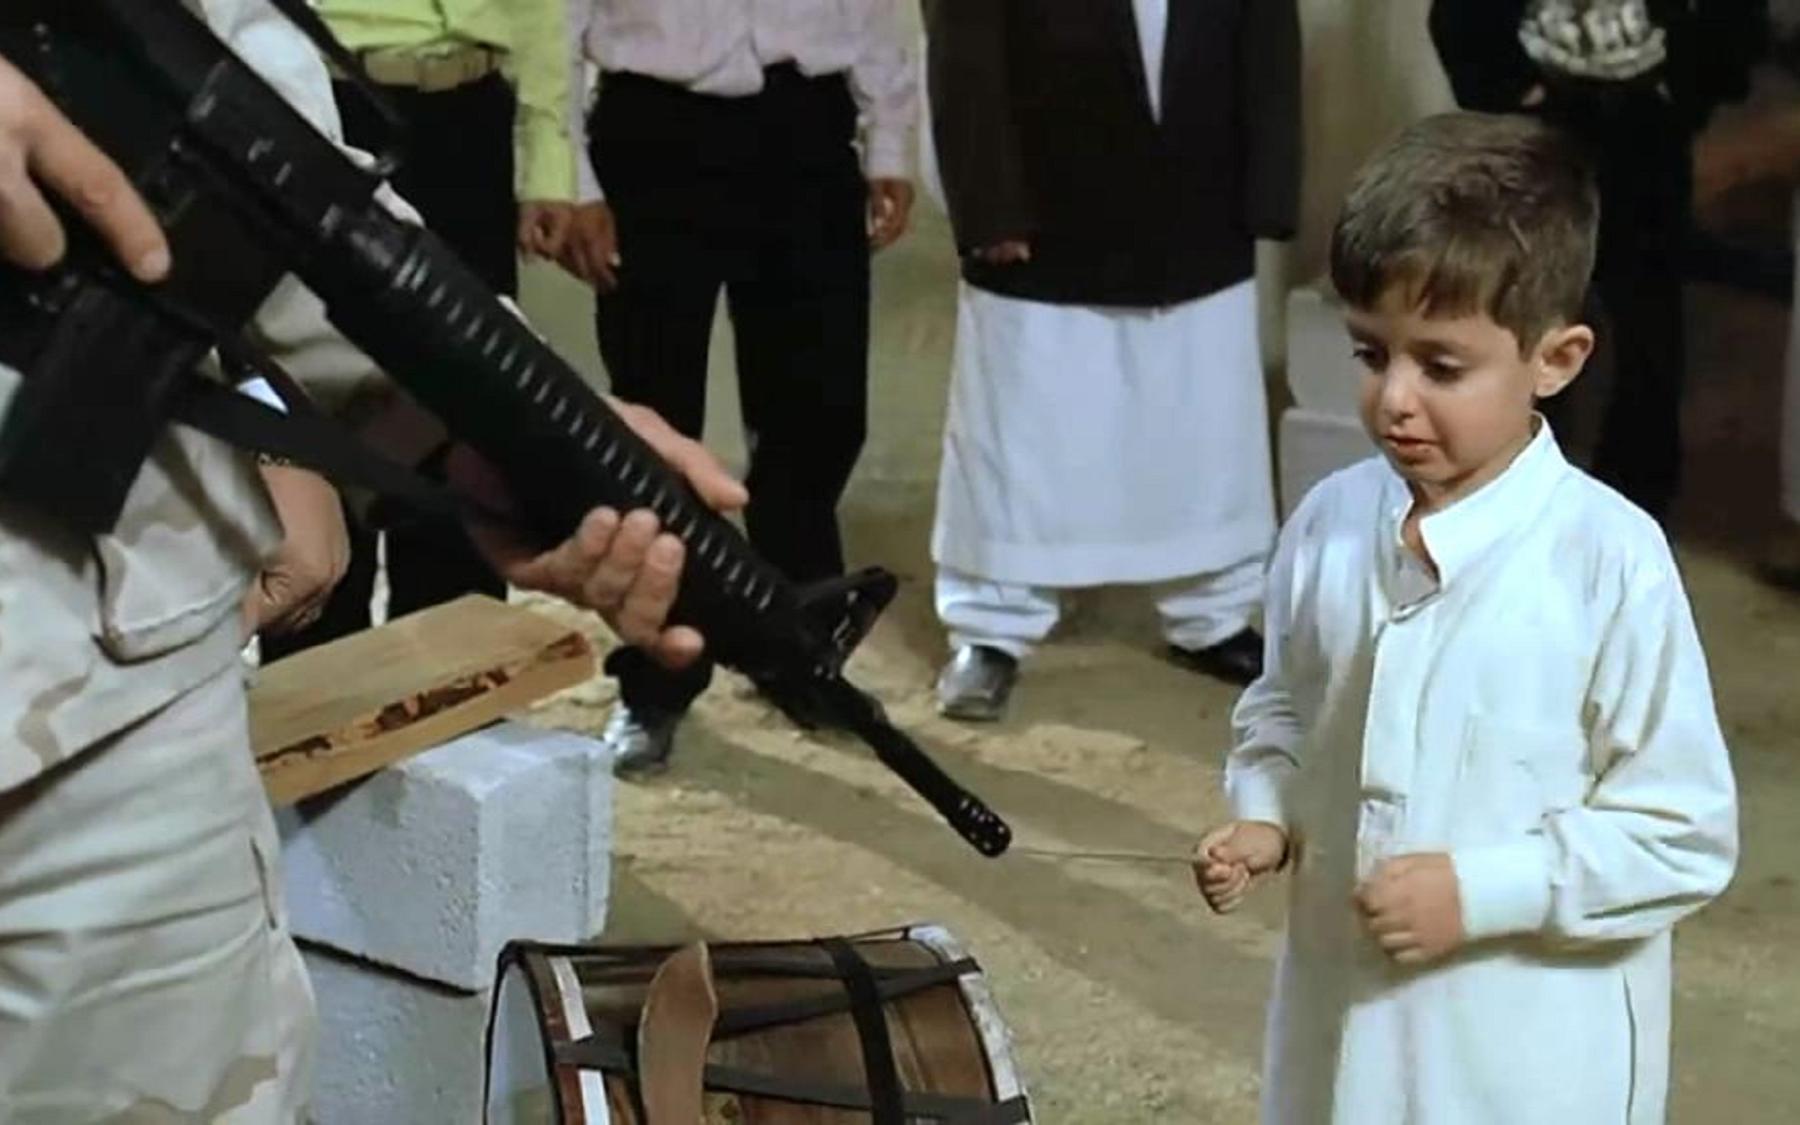 一部揭露美国军队残暴横行的电影:小男孩好奇美大兵的枪,轻轻一碰,却惨遭枪杀!